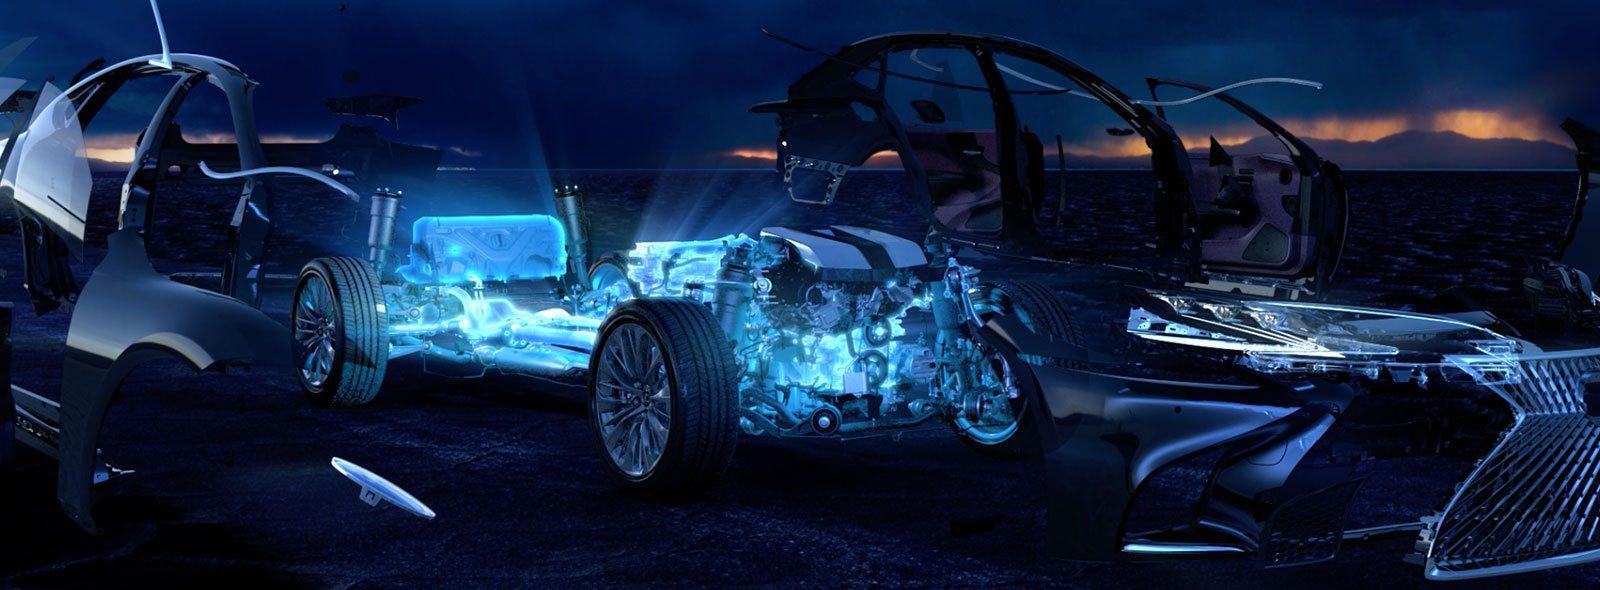 Video con imagen en detalle de la tecnología híbrida del Lexus LS 500h